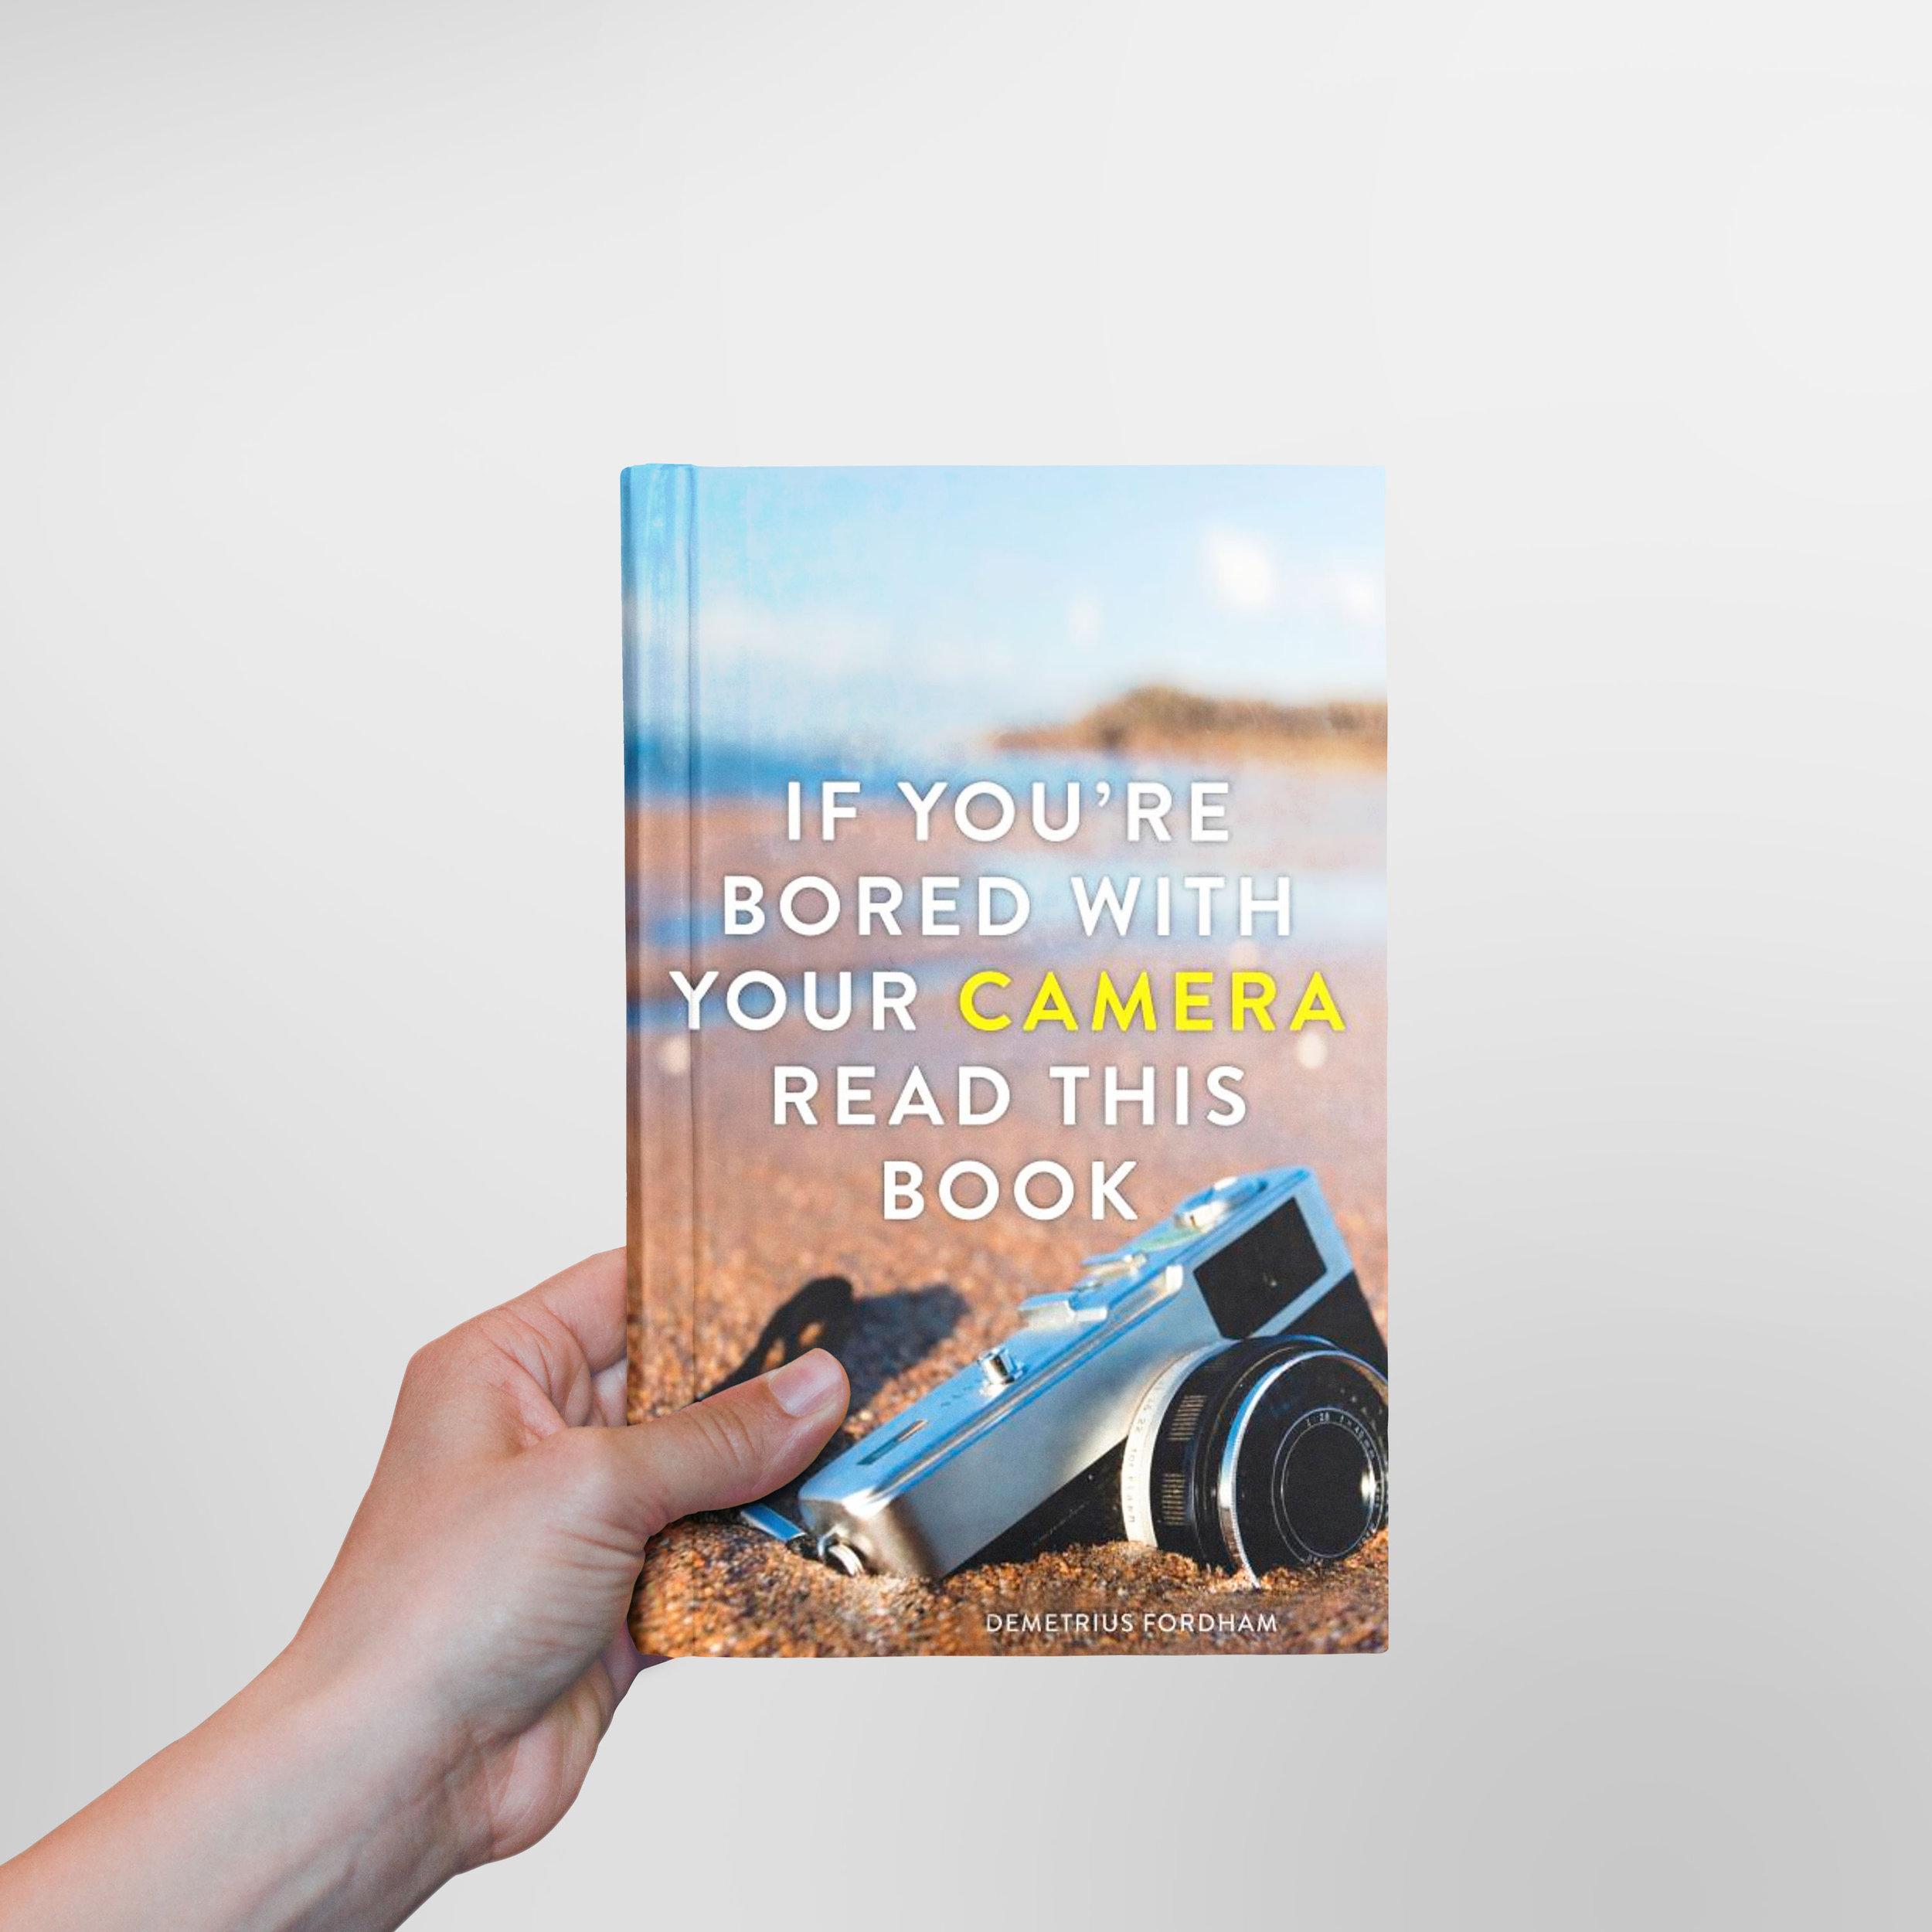 bored-Book-Hand_v2.jpg